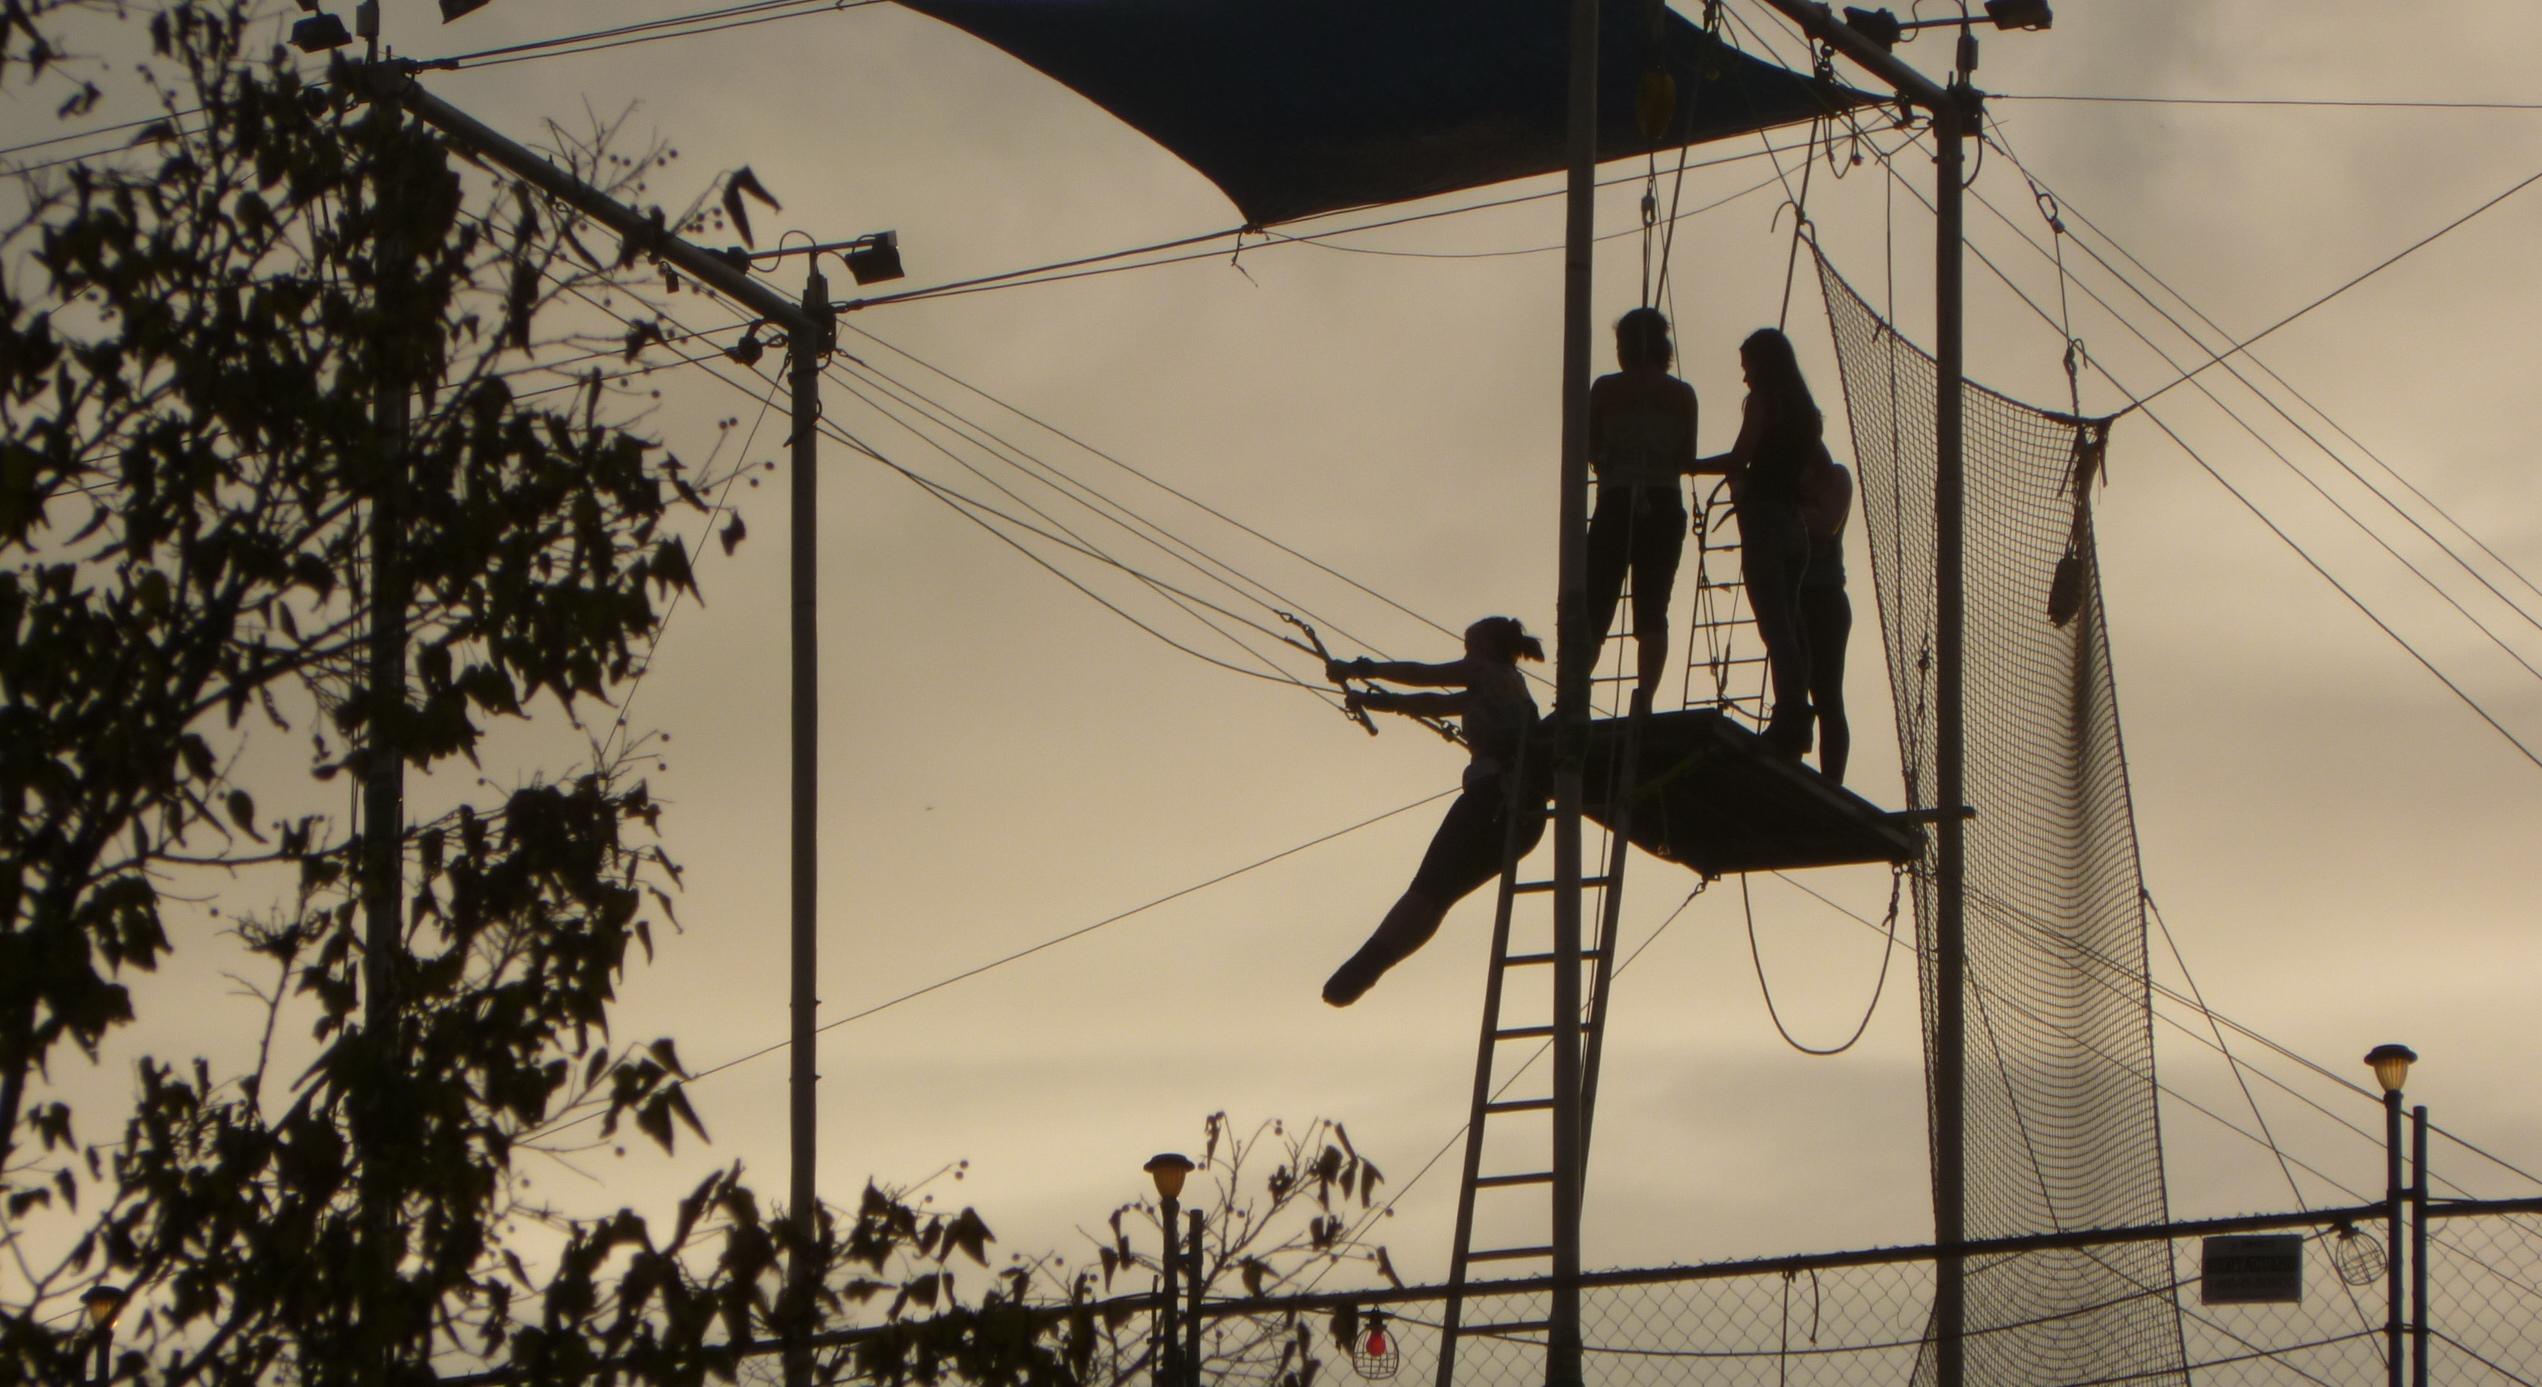 Trapeze school scene